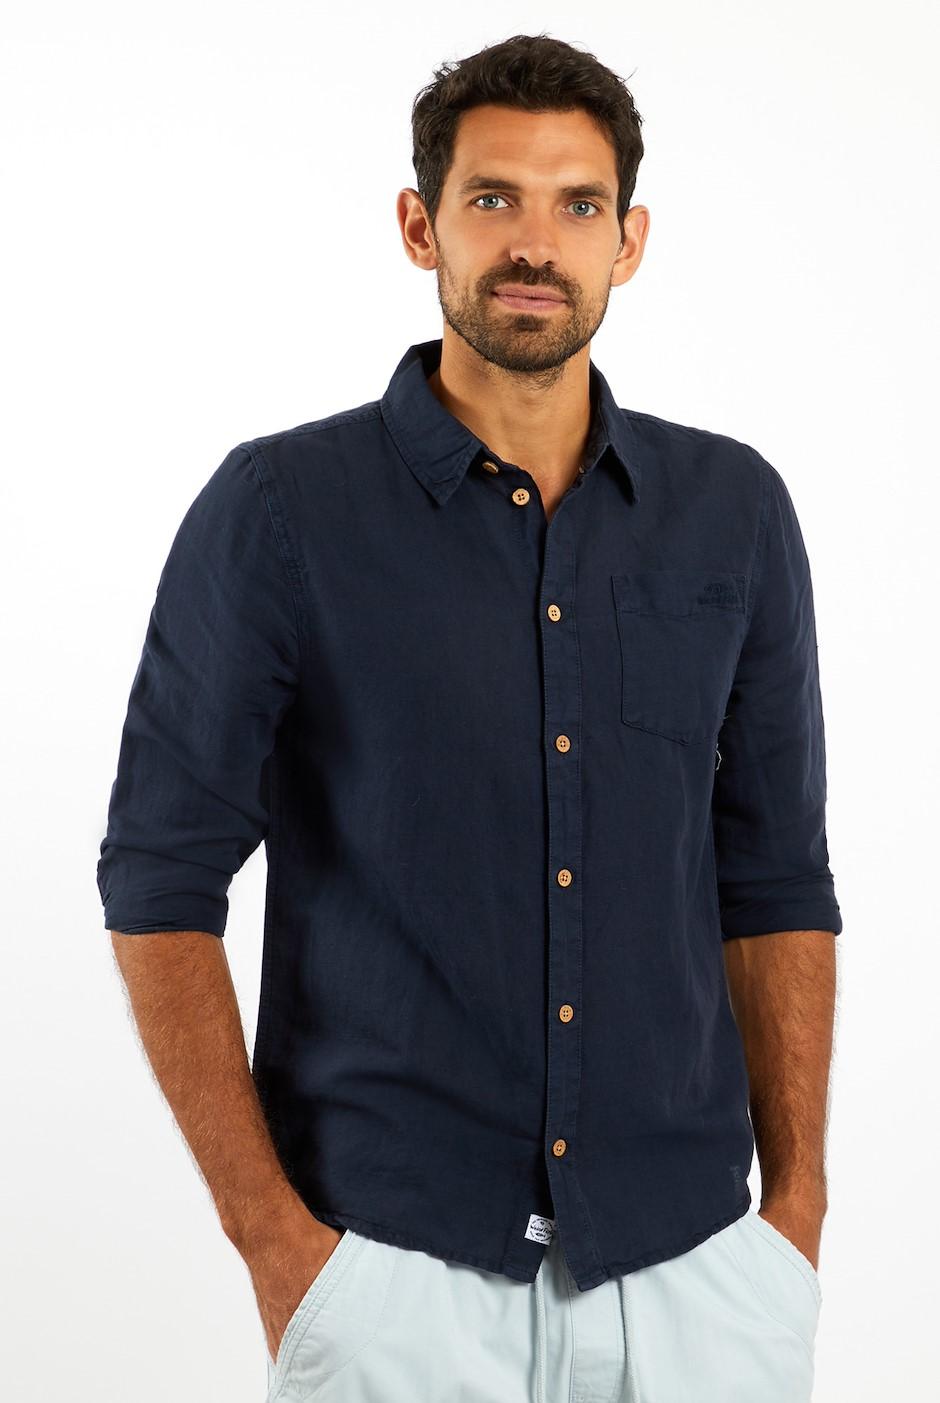 Stronsay Linen Shirt Navy